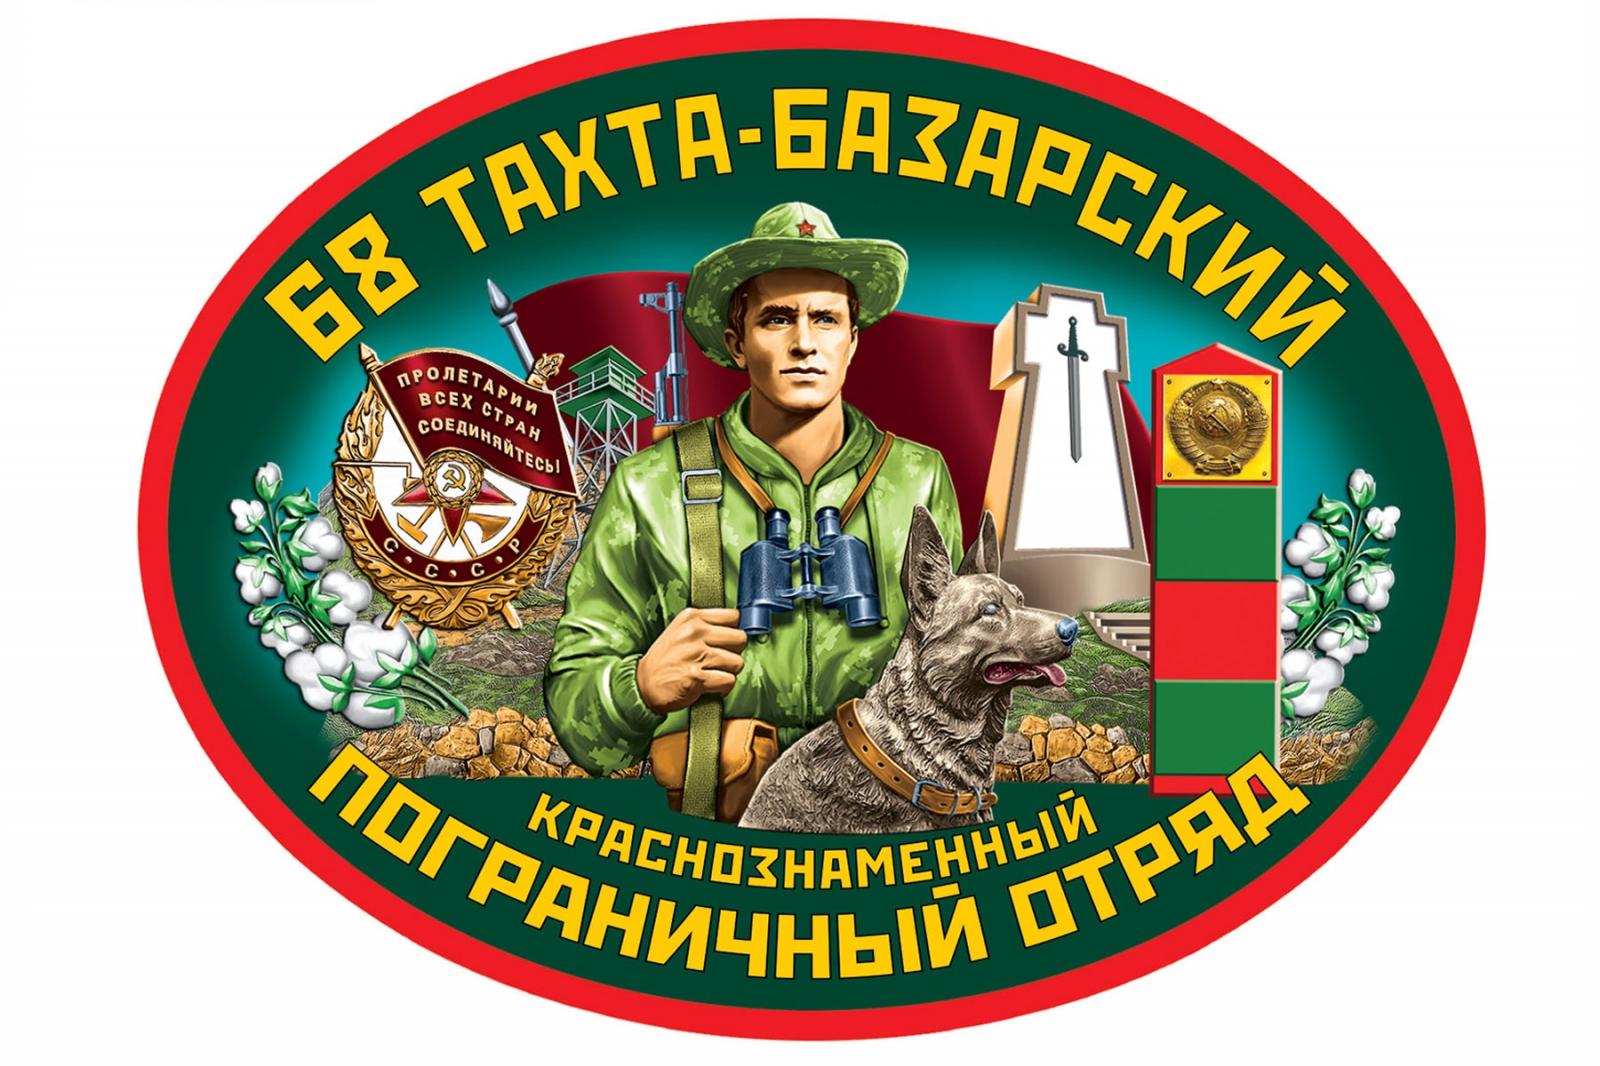 Наклейка на машину 68 Тахта-Базарский пограничный отряд